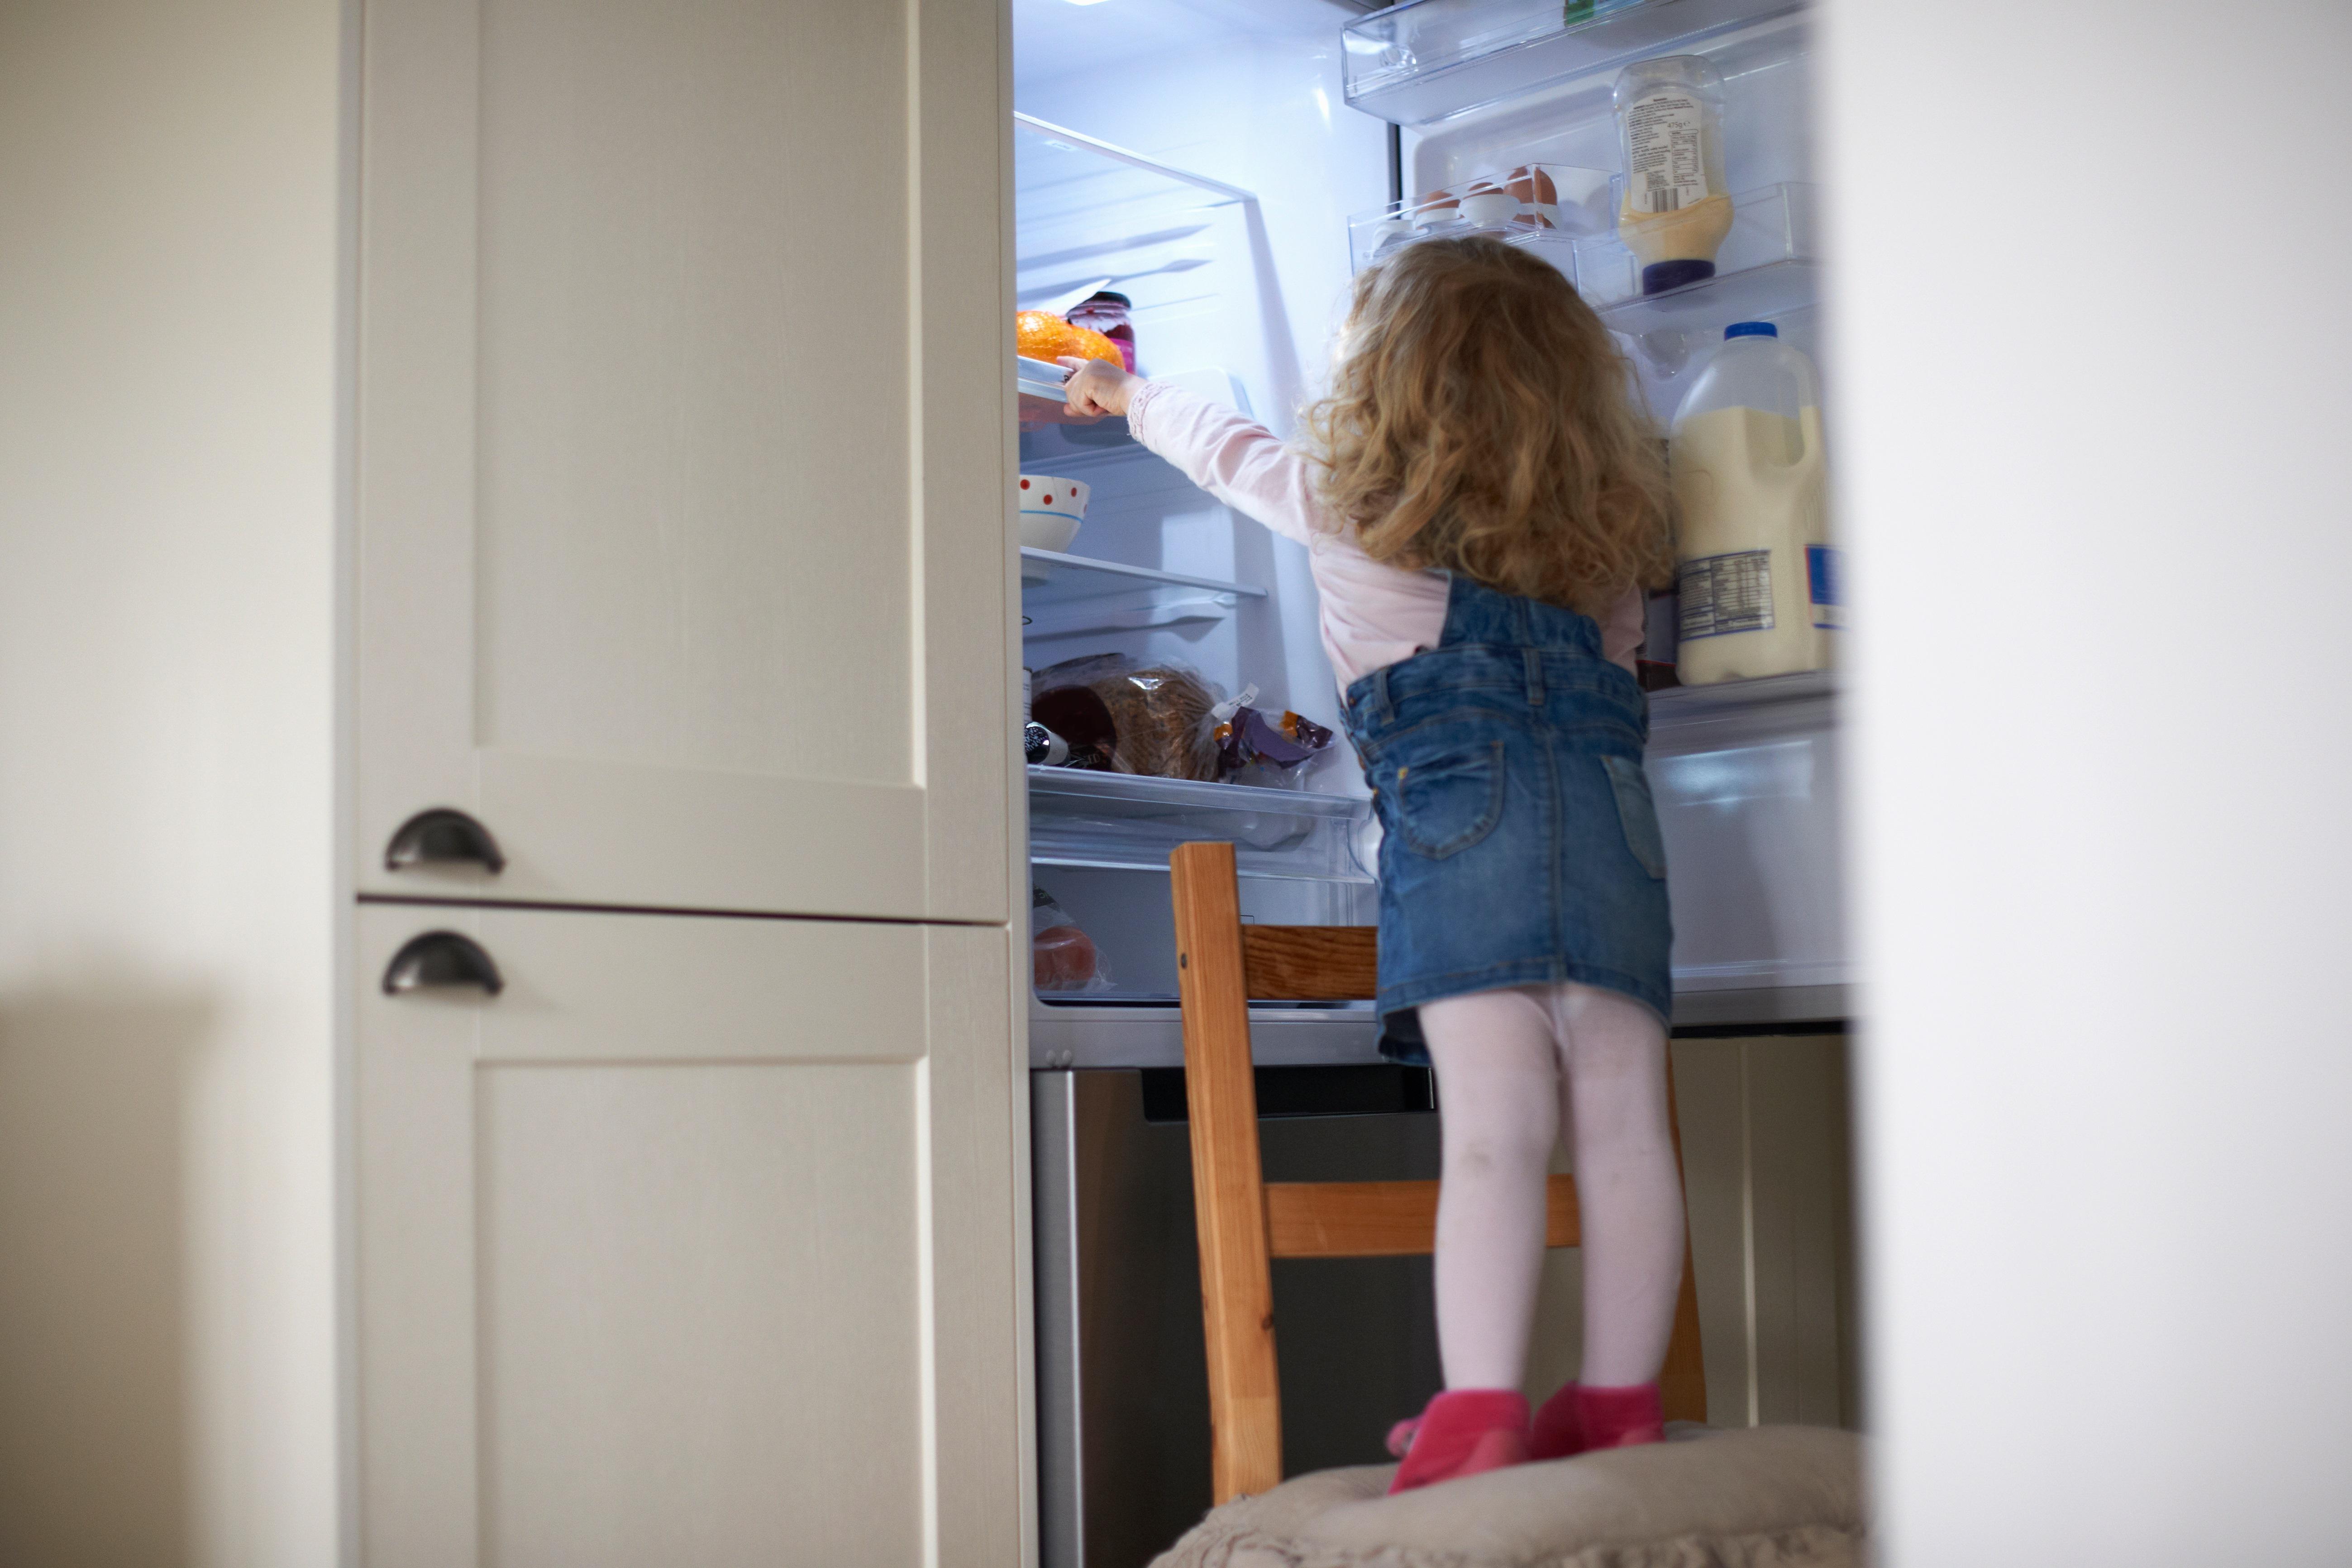 Hűtőbe zárták a bébiszitterek a kisbabát, majd posztolták a Snapchatre